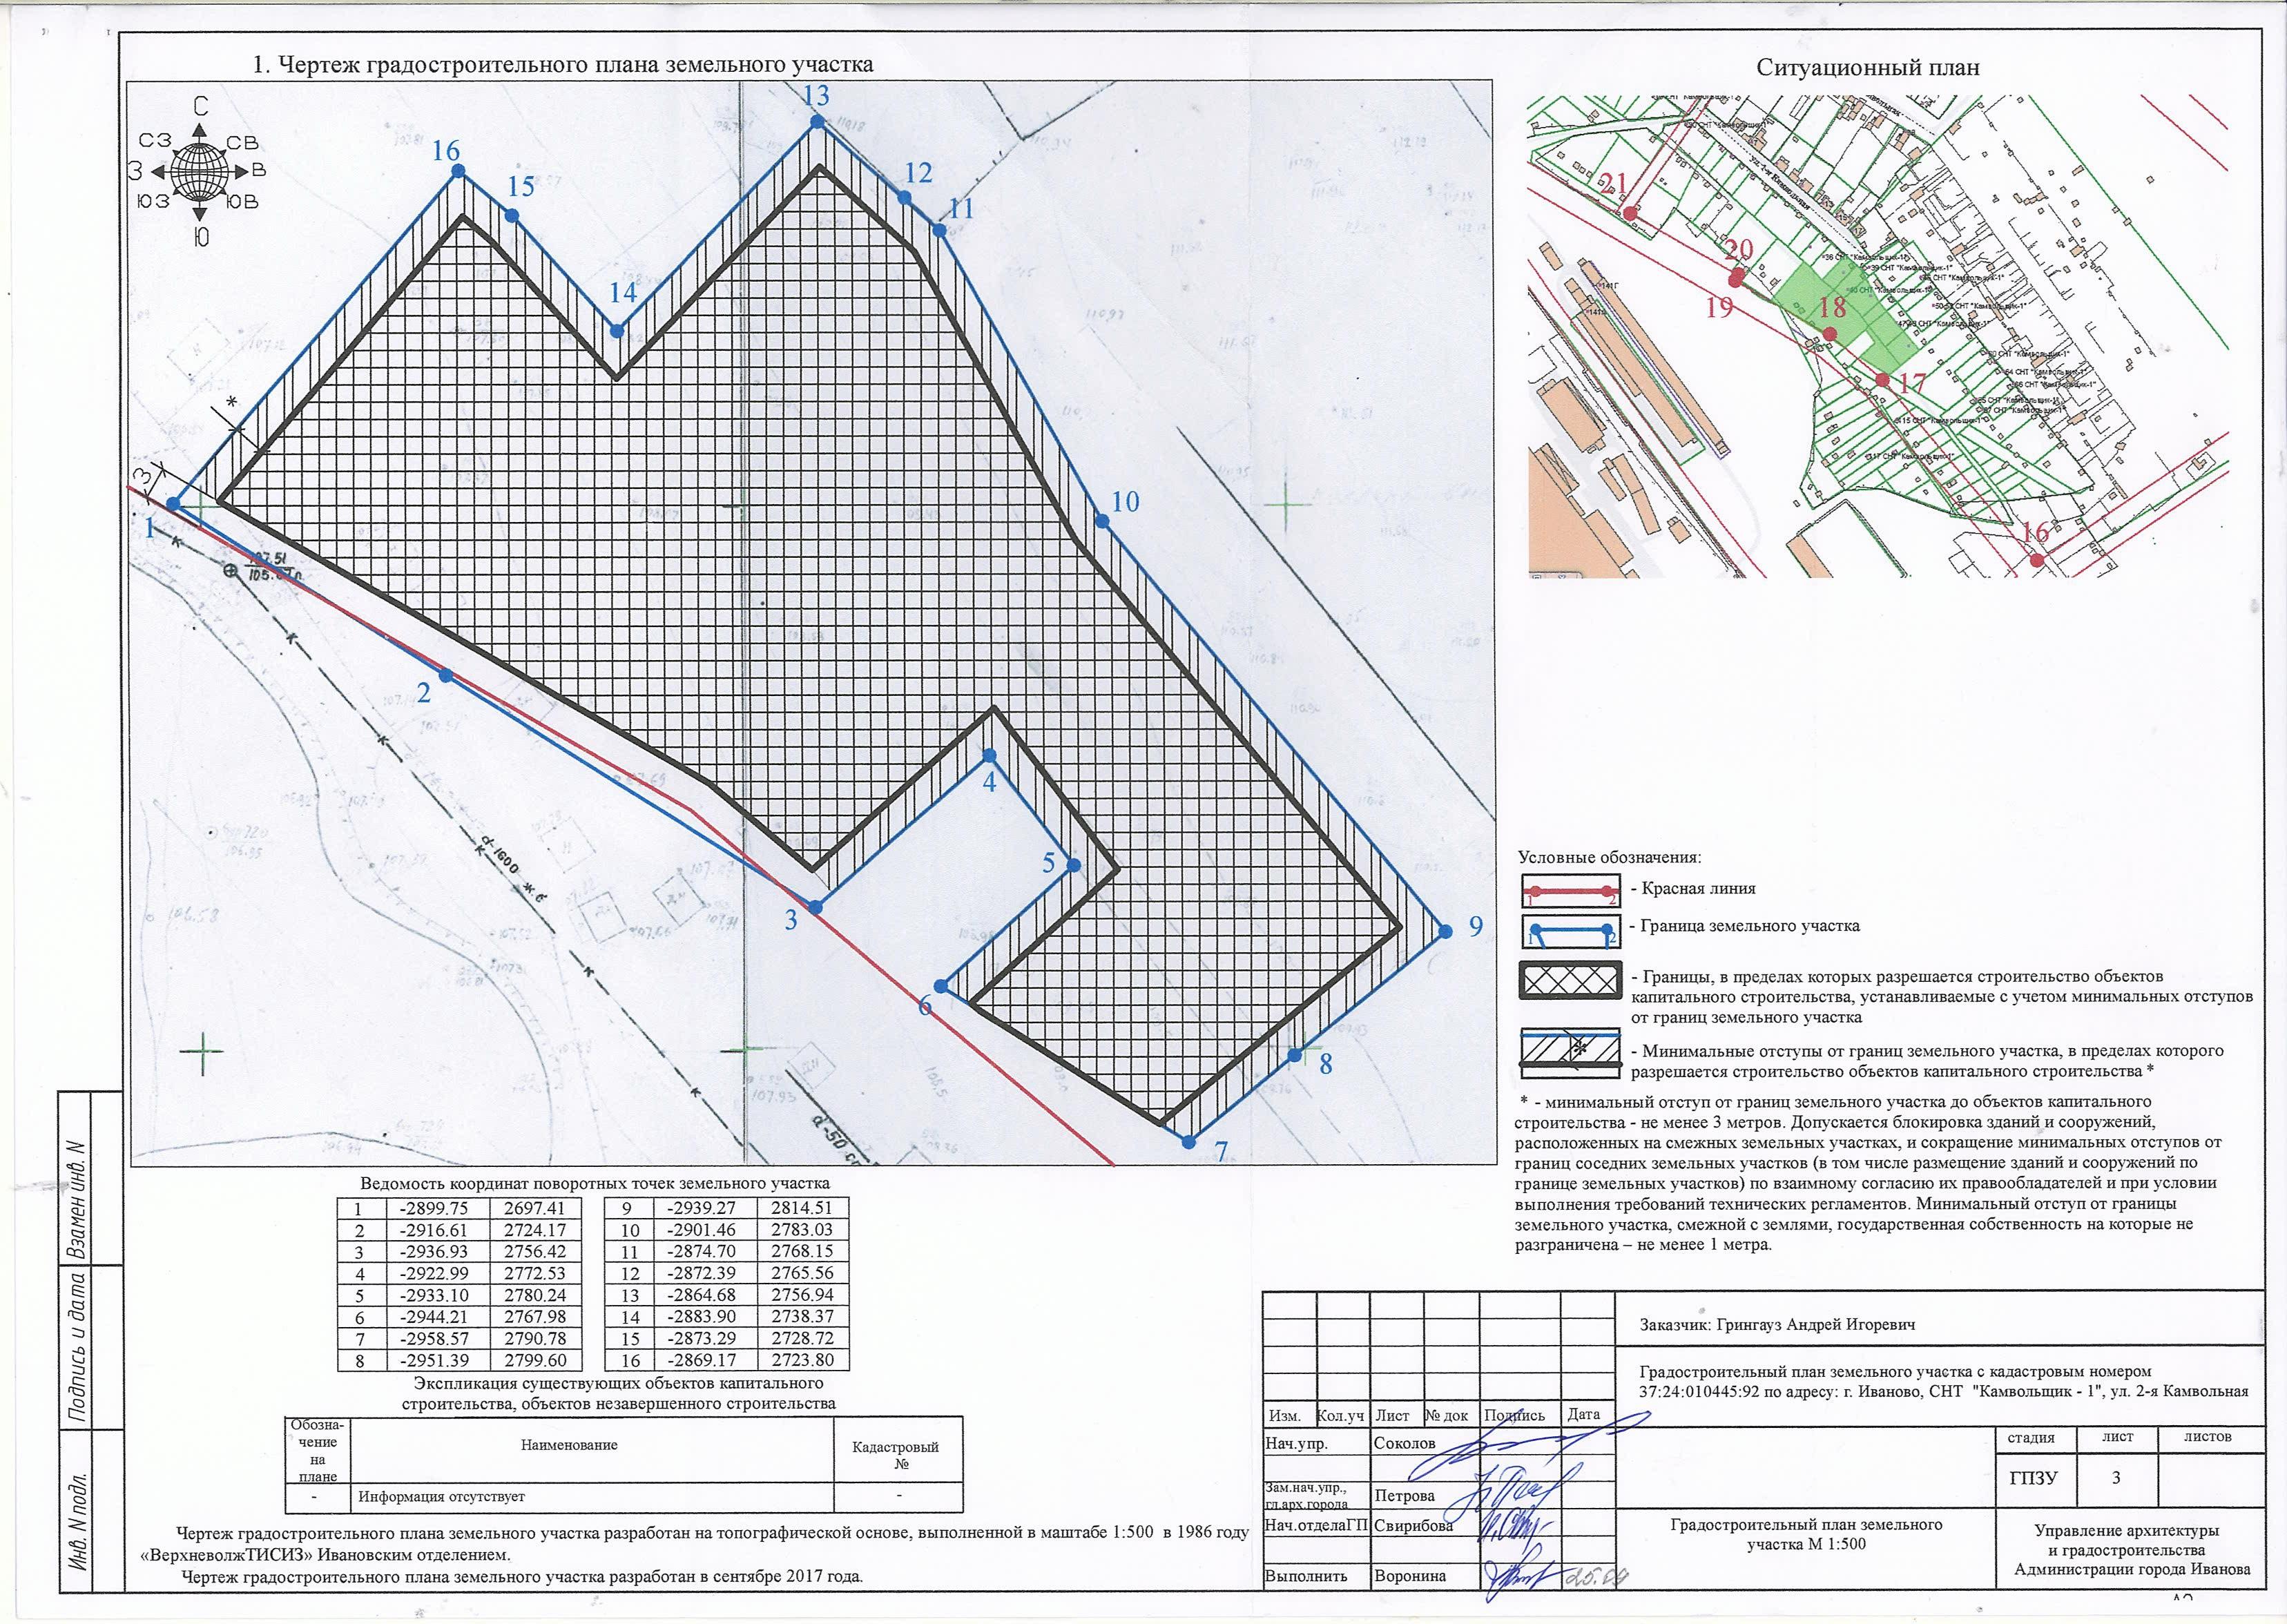 Как выглядит схема отображающая расположение построенного объекта